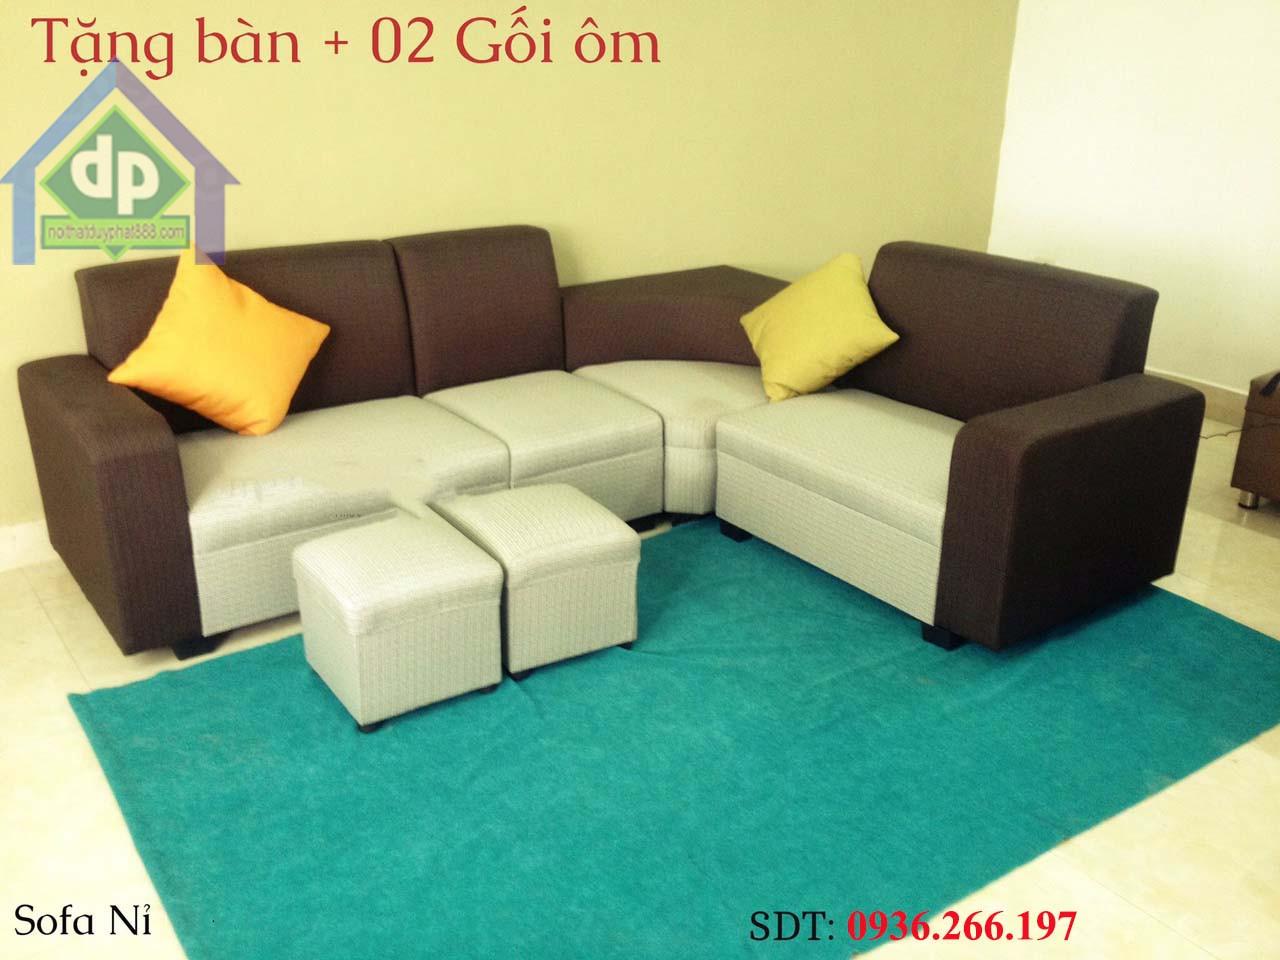 Thanh lý sofa Tây Hồ Uy Tín và Siêu Tiết Kiệm